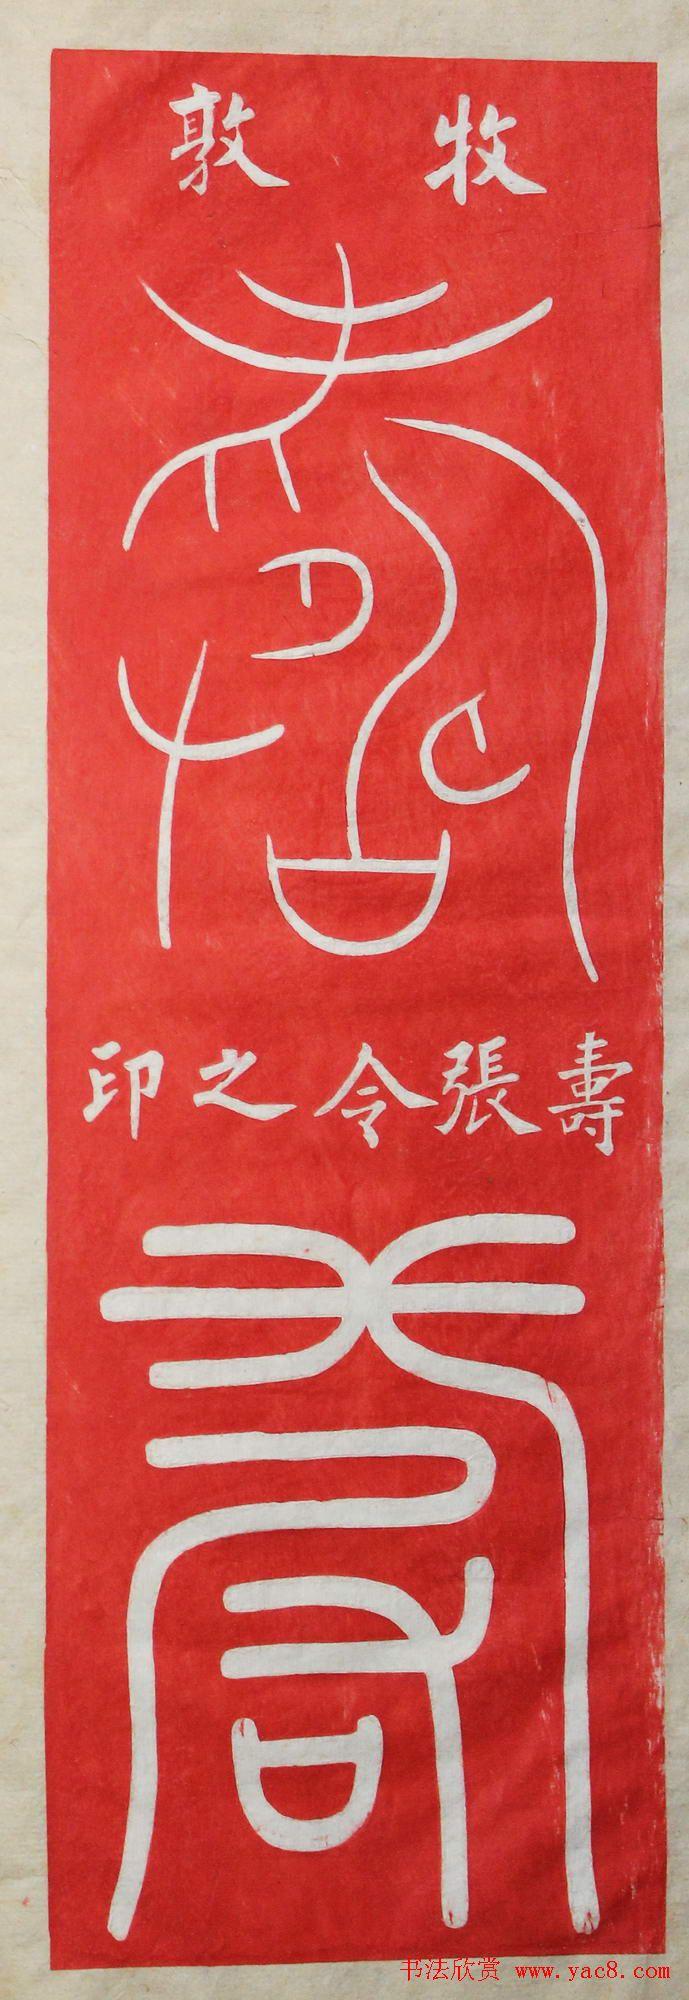 书写大全王福厂篆书120种 第28页 书法专题 书法欣赏